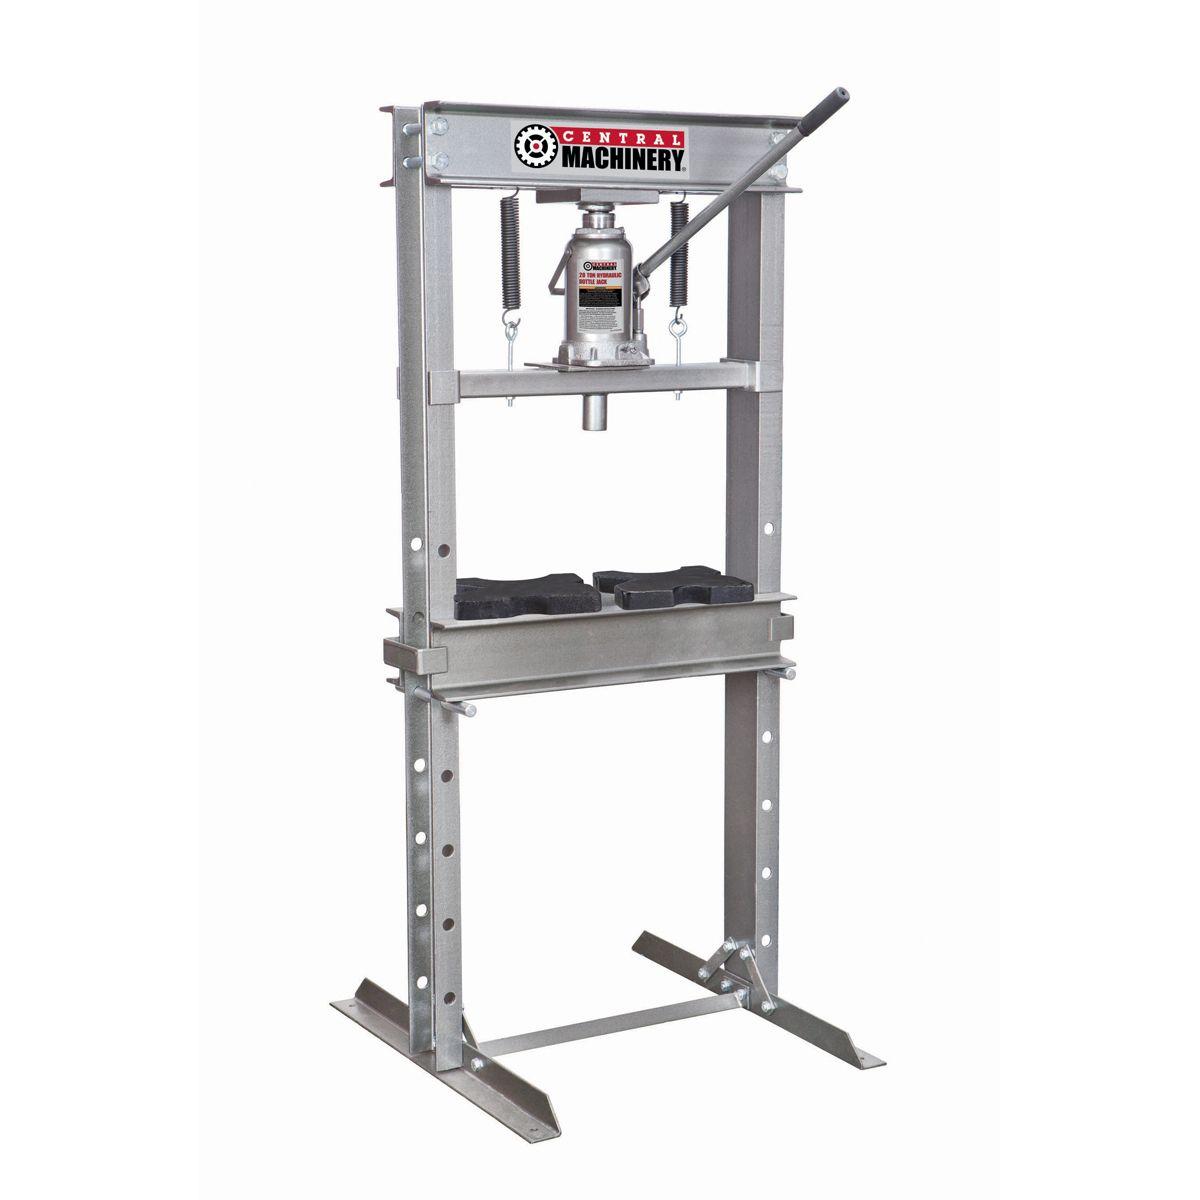 Force 100 972005 Dake 100 Ton Electrical H Frame Press Hydraulic Press Machine H Frame Hydraulic Shop Press